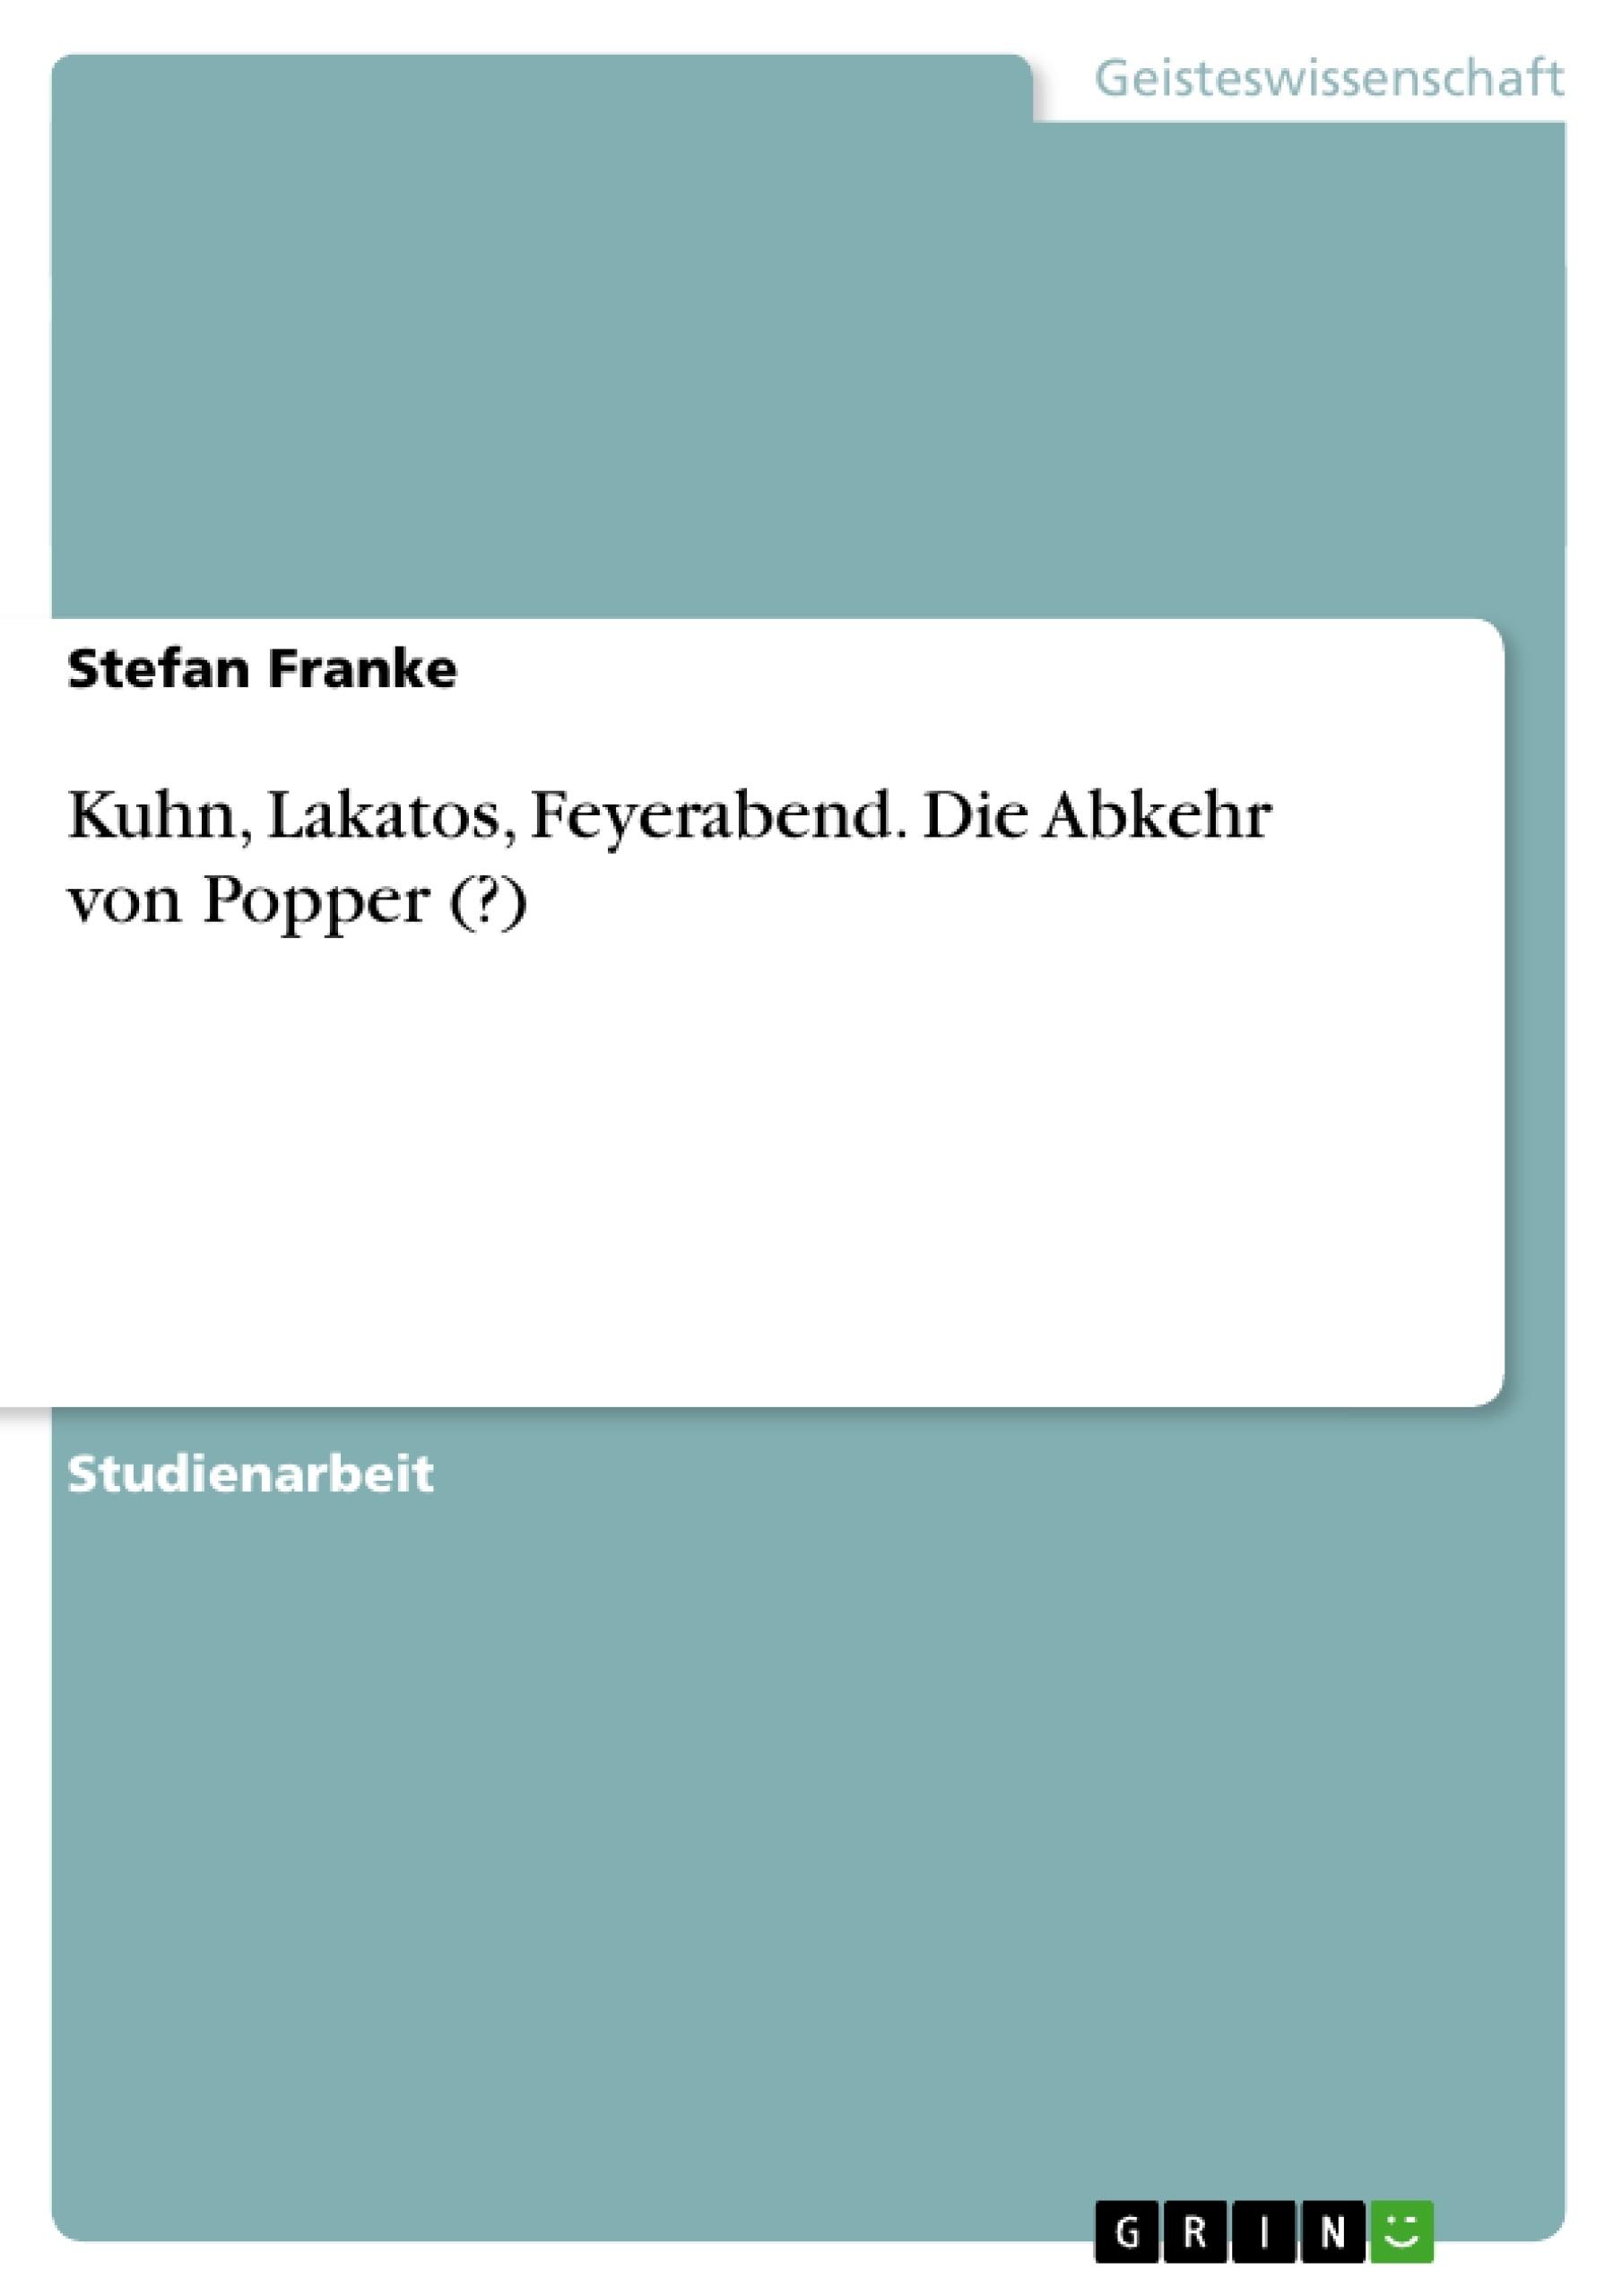 Titel: Kuhn, Lakatos, Feyerabend. Die Abkehr von Popper (?)